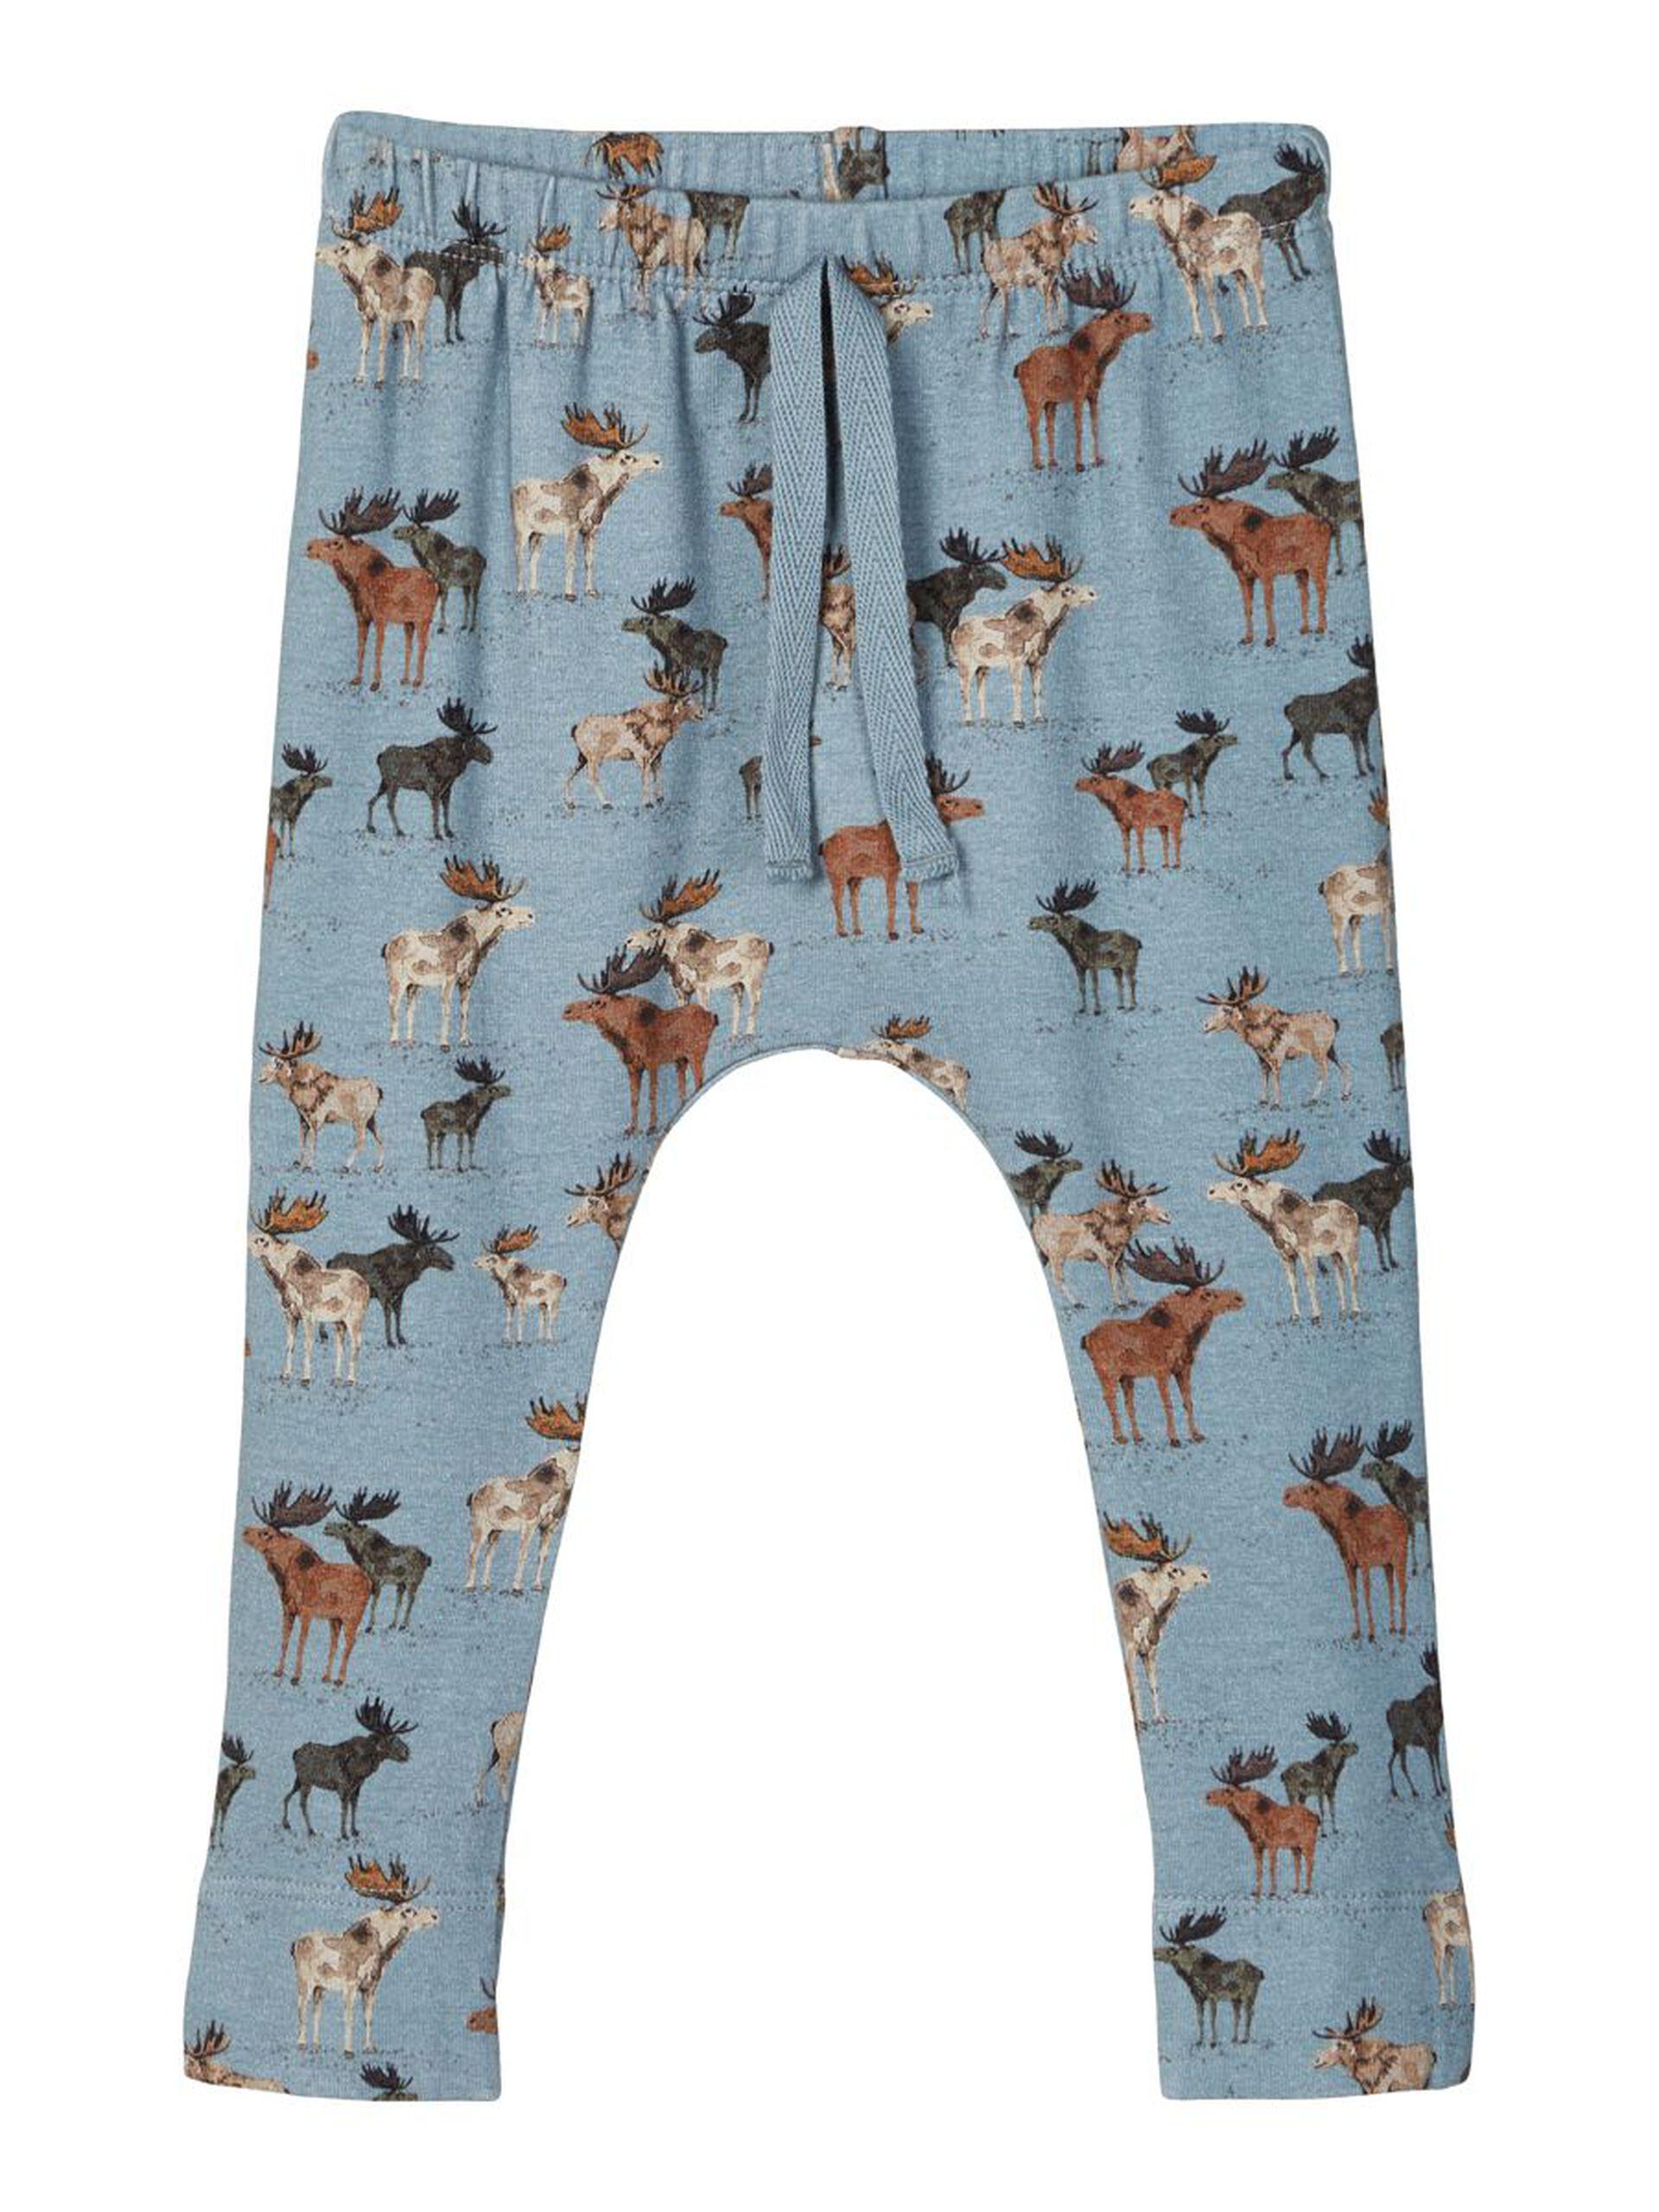 Bukse med elg